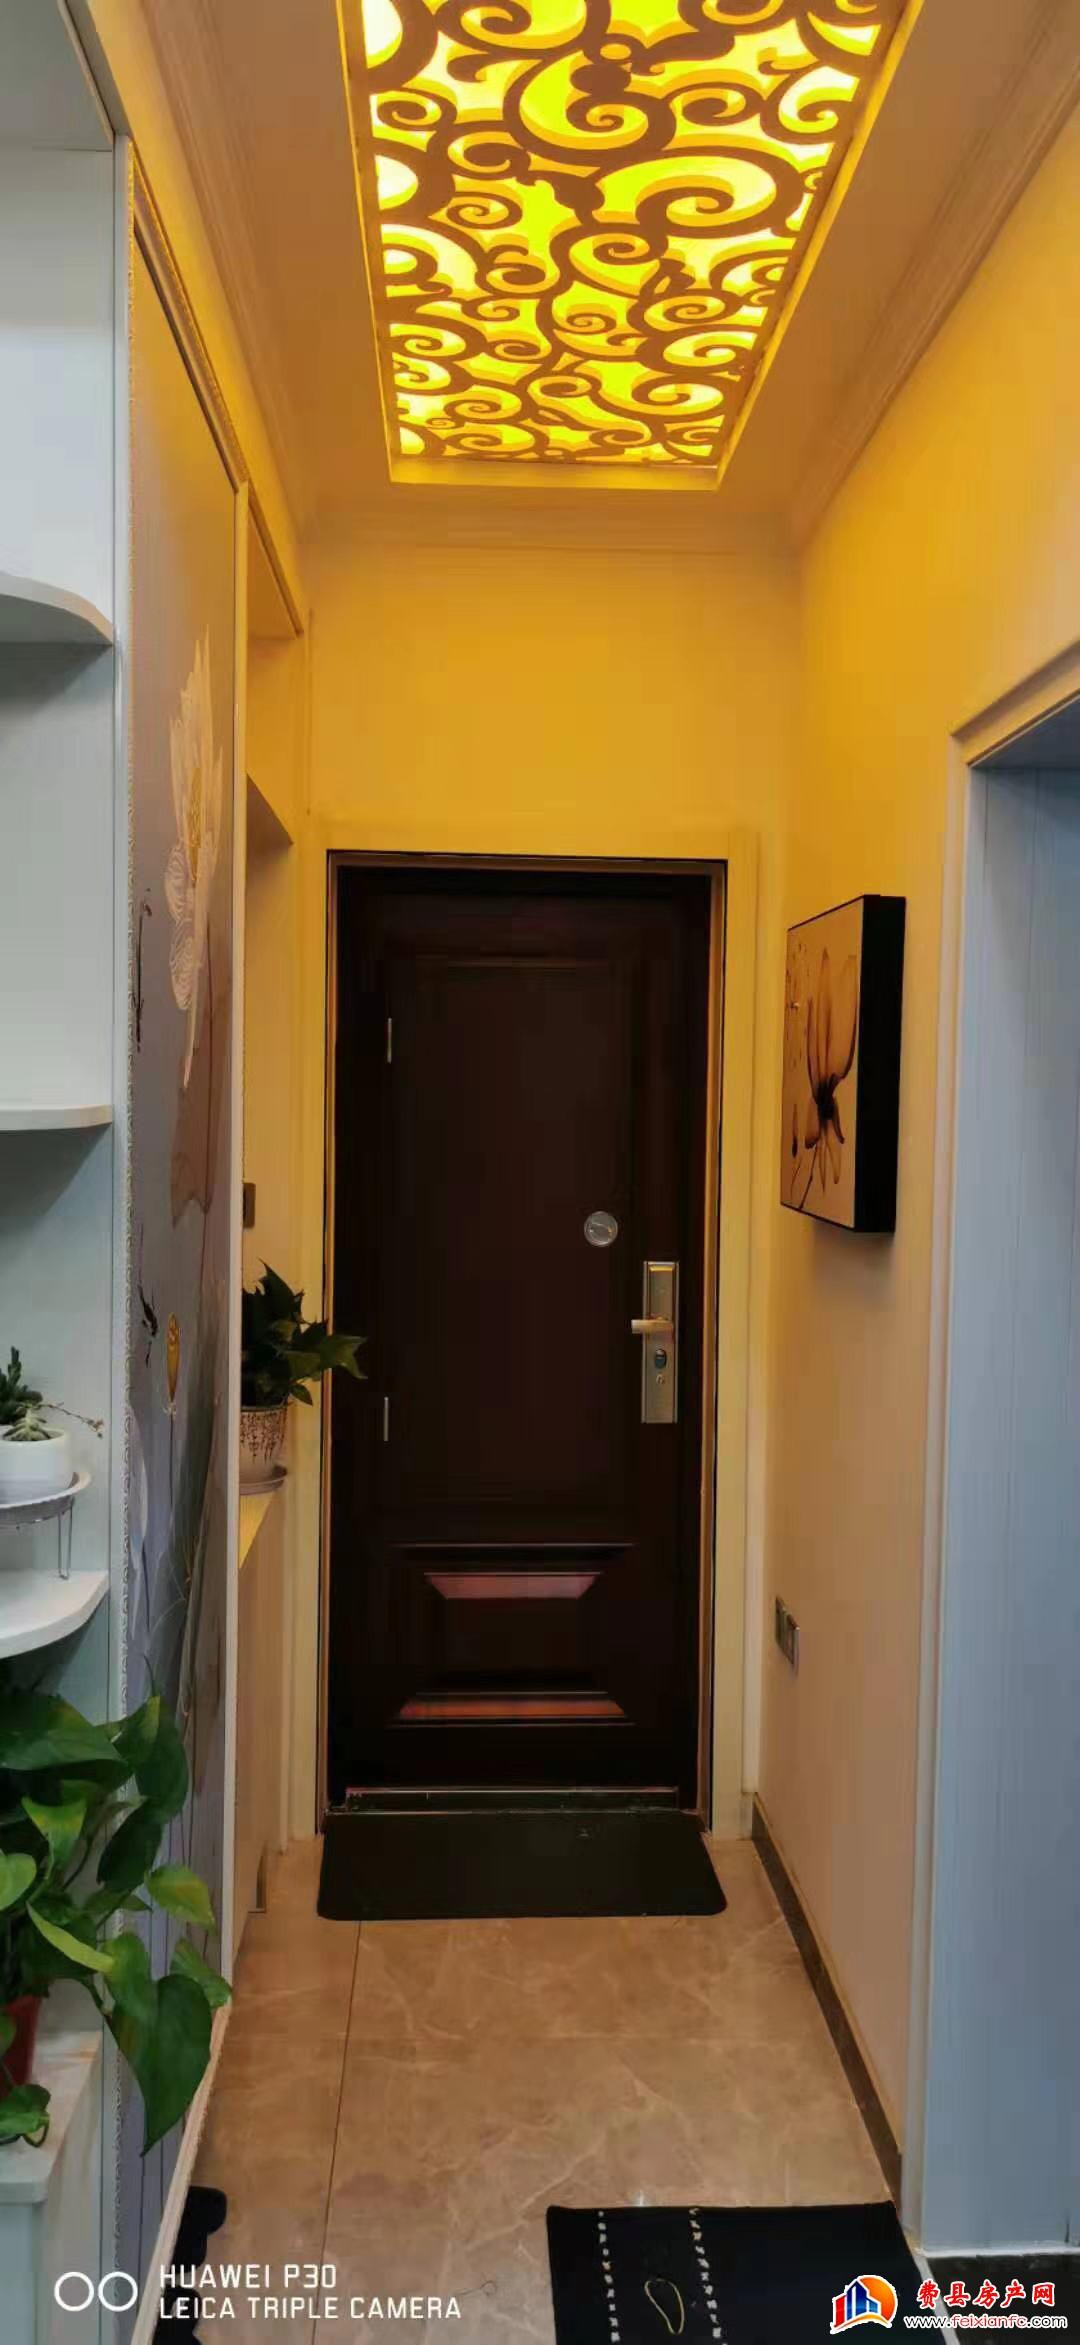 坤大家属院3室2厅,内家具家电齐全,拎包入住。